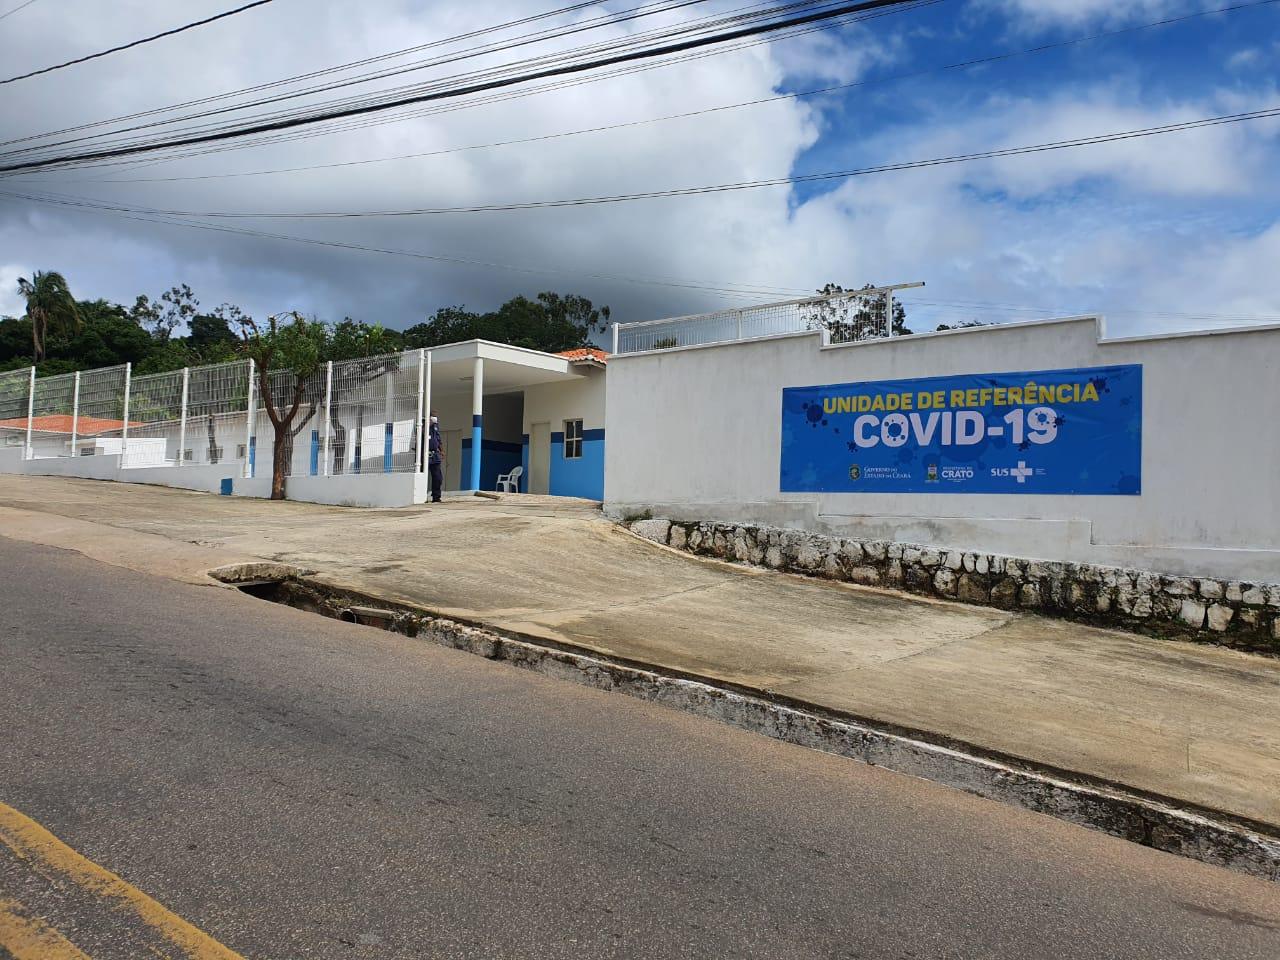 Coronavírus: com nove casos confirmados, Crato inaugura Unidade Sentinela -  Site Miséria